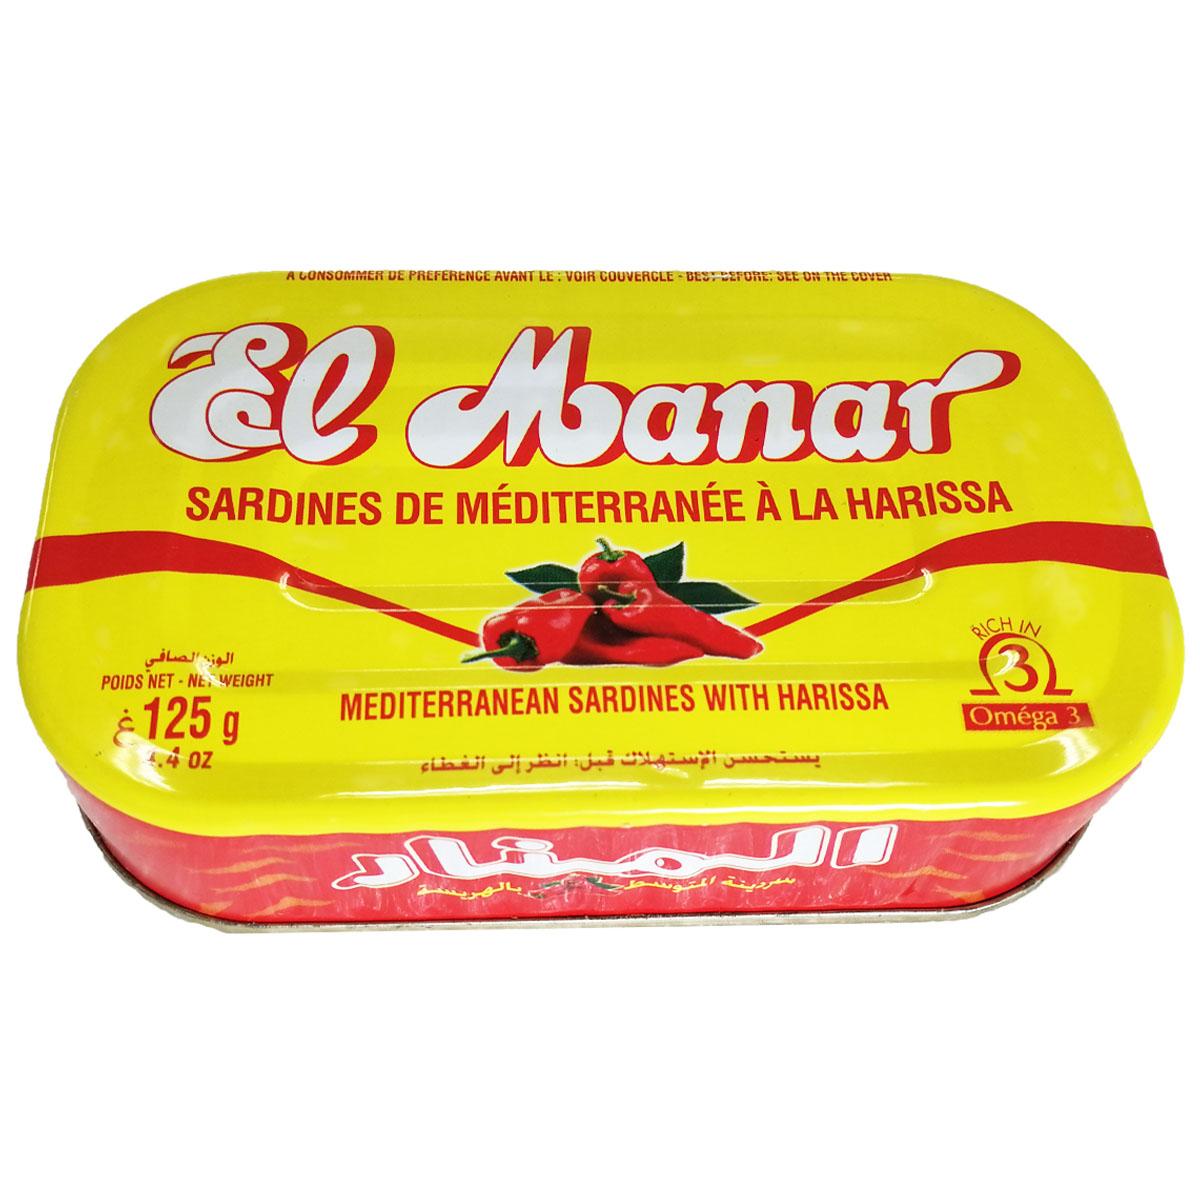 永遠の定番 チュニジア産 オイルサーディン 缶詰 ハリサ入り いわしのオイル漬ハリサ入り Oil Sardine harissa Manar in Tunisia HALAL 期間限定で特別価格 125g El